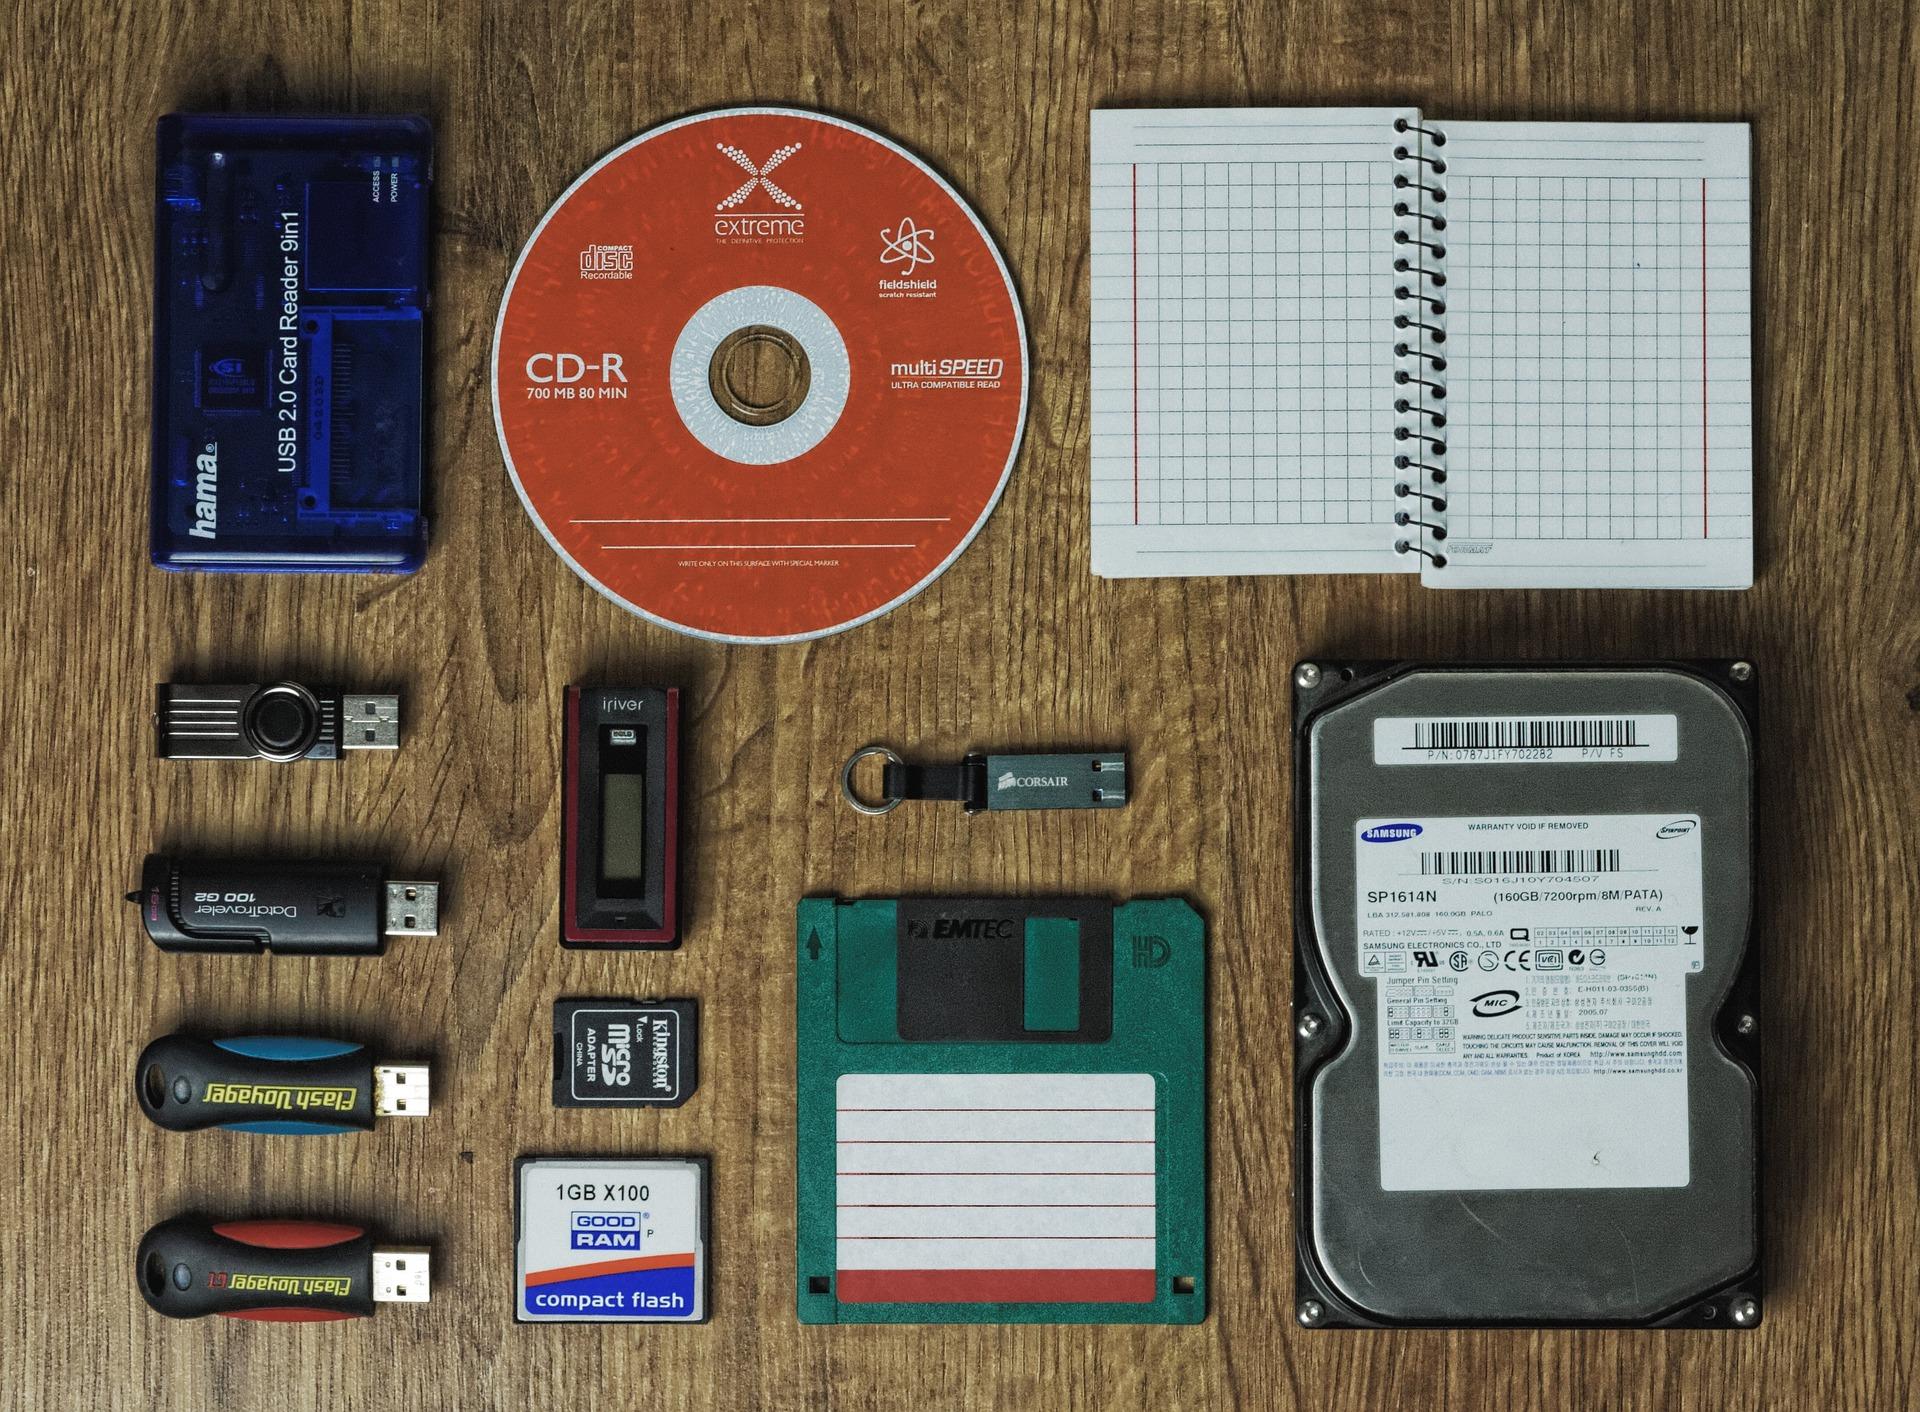 Dispositivi di memorizzazione per il backup